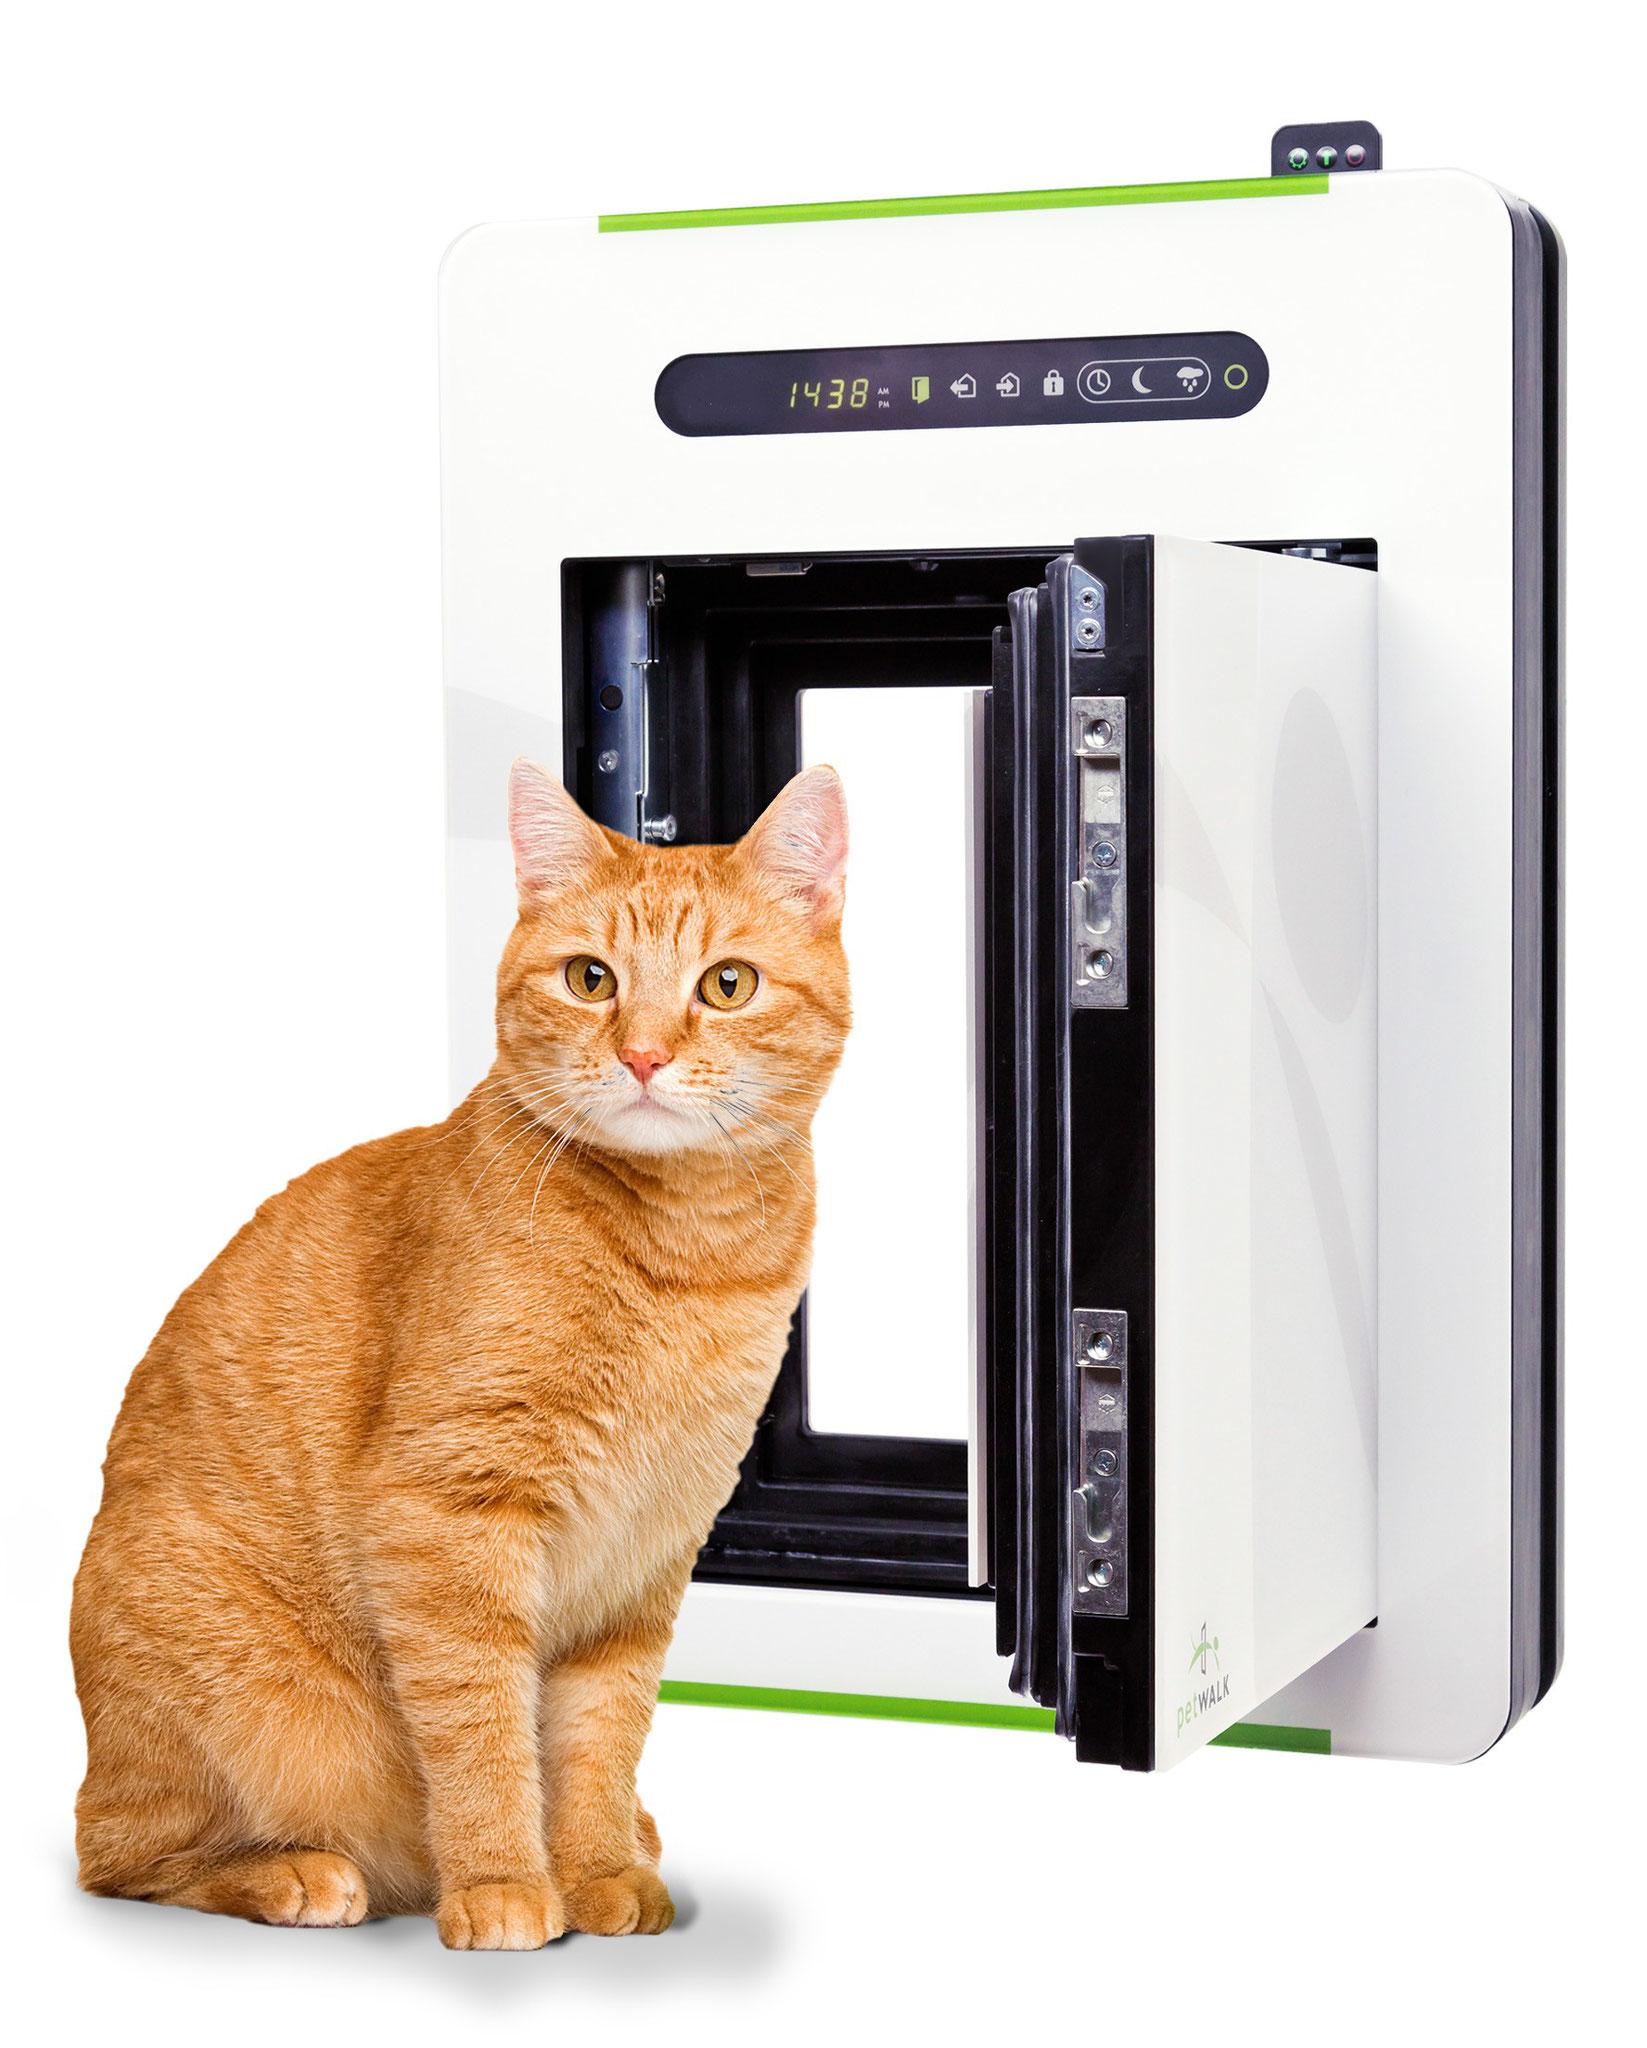 Porte automatique chati res odomestic - Porte automatique pour chien ...